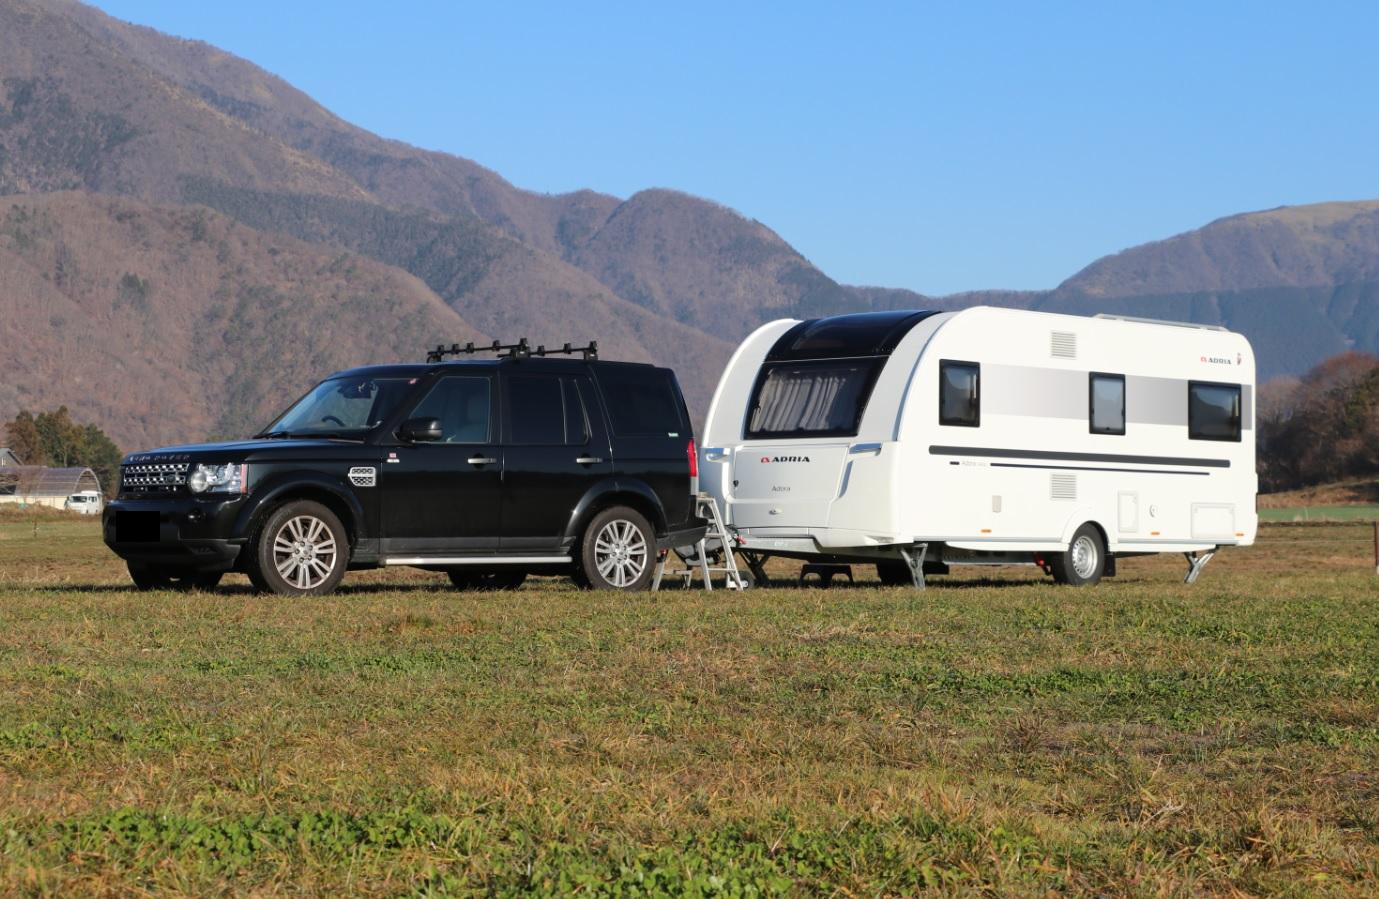 表紙画像, トップ画像, Land Rover, Discovery-4, LR4, Caravan, Adria Adora, キャンピングトレーラー, キャラバン, アドリア アドーラ, ランドローバー, ディスカバリー4,